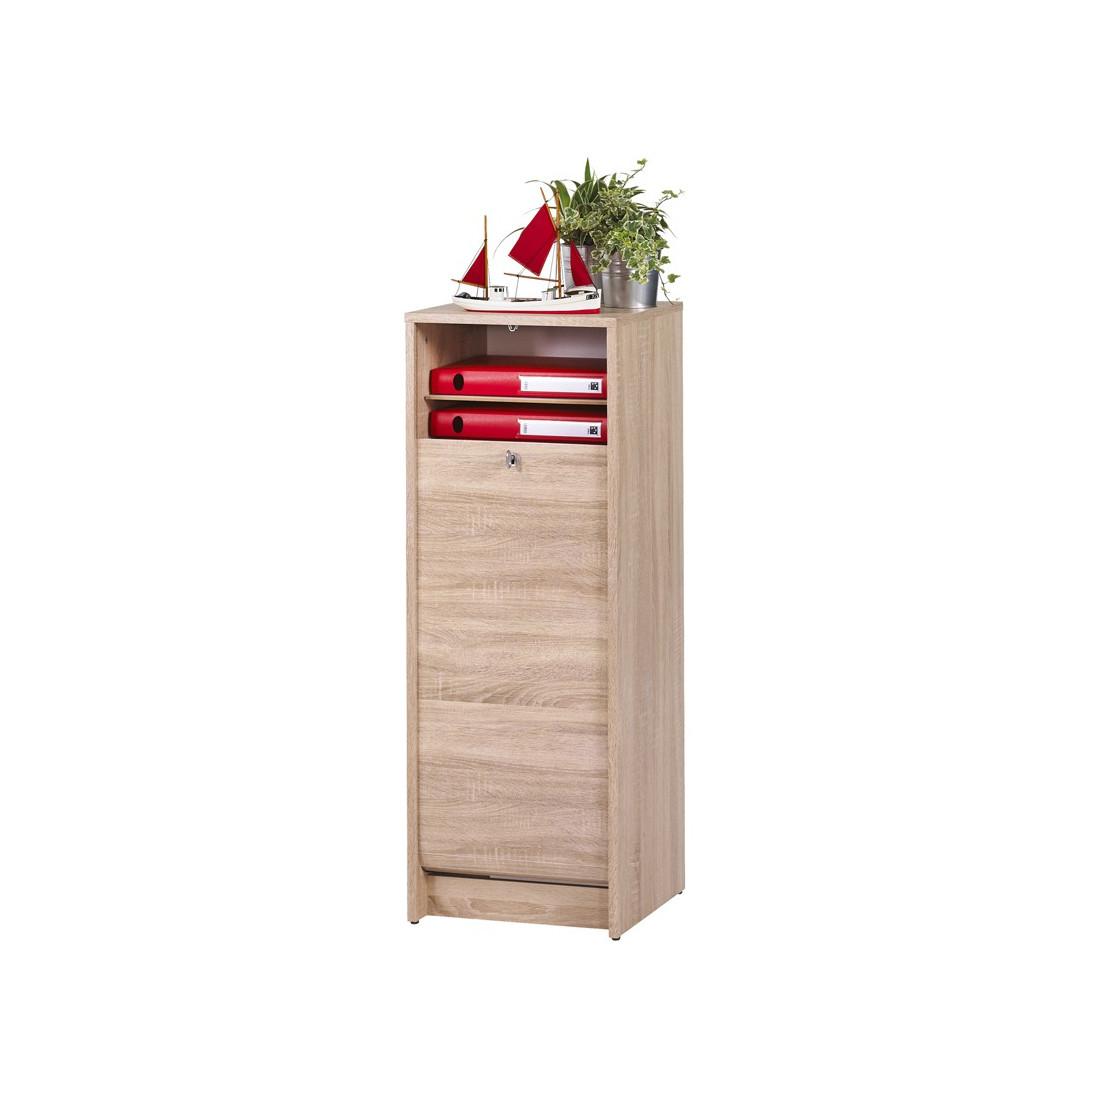 classeur rideaux d cor bois simple curtain n 9 univers du bureau. Black Bedroom Furniture Sets. Home Design Ideas